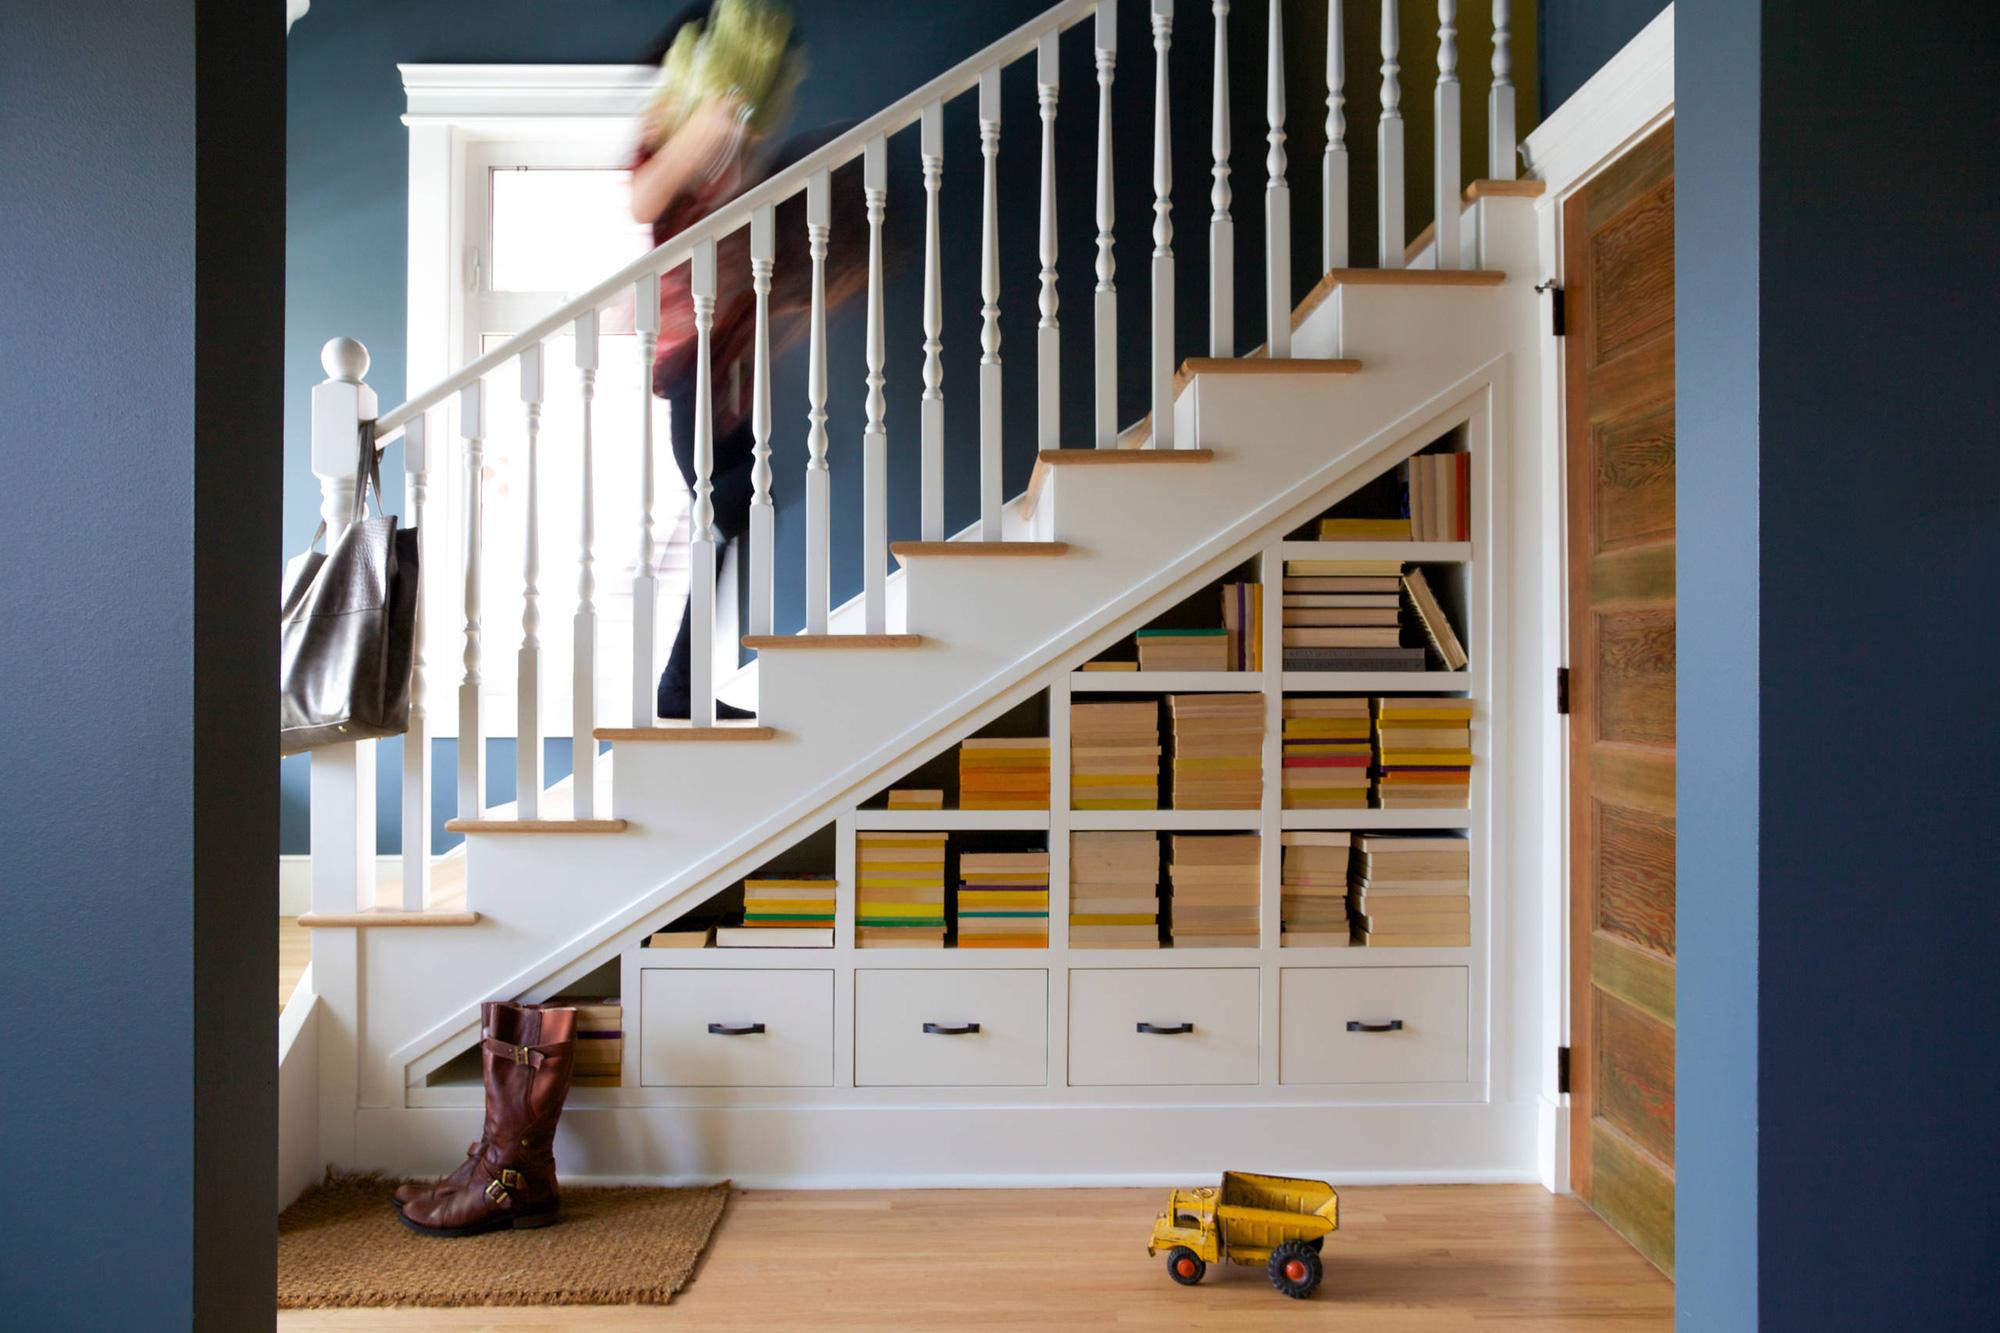 Nếu nhà bạn có gầm cầu thang thì không nên bỏ qua 7 gợi ý hữu ích này - Ảnh 1.